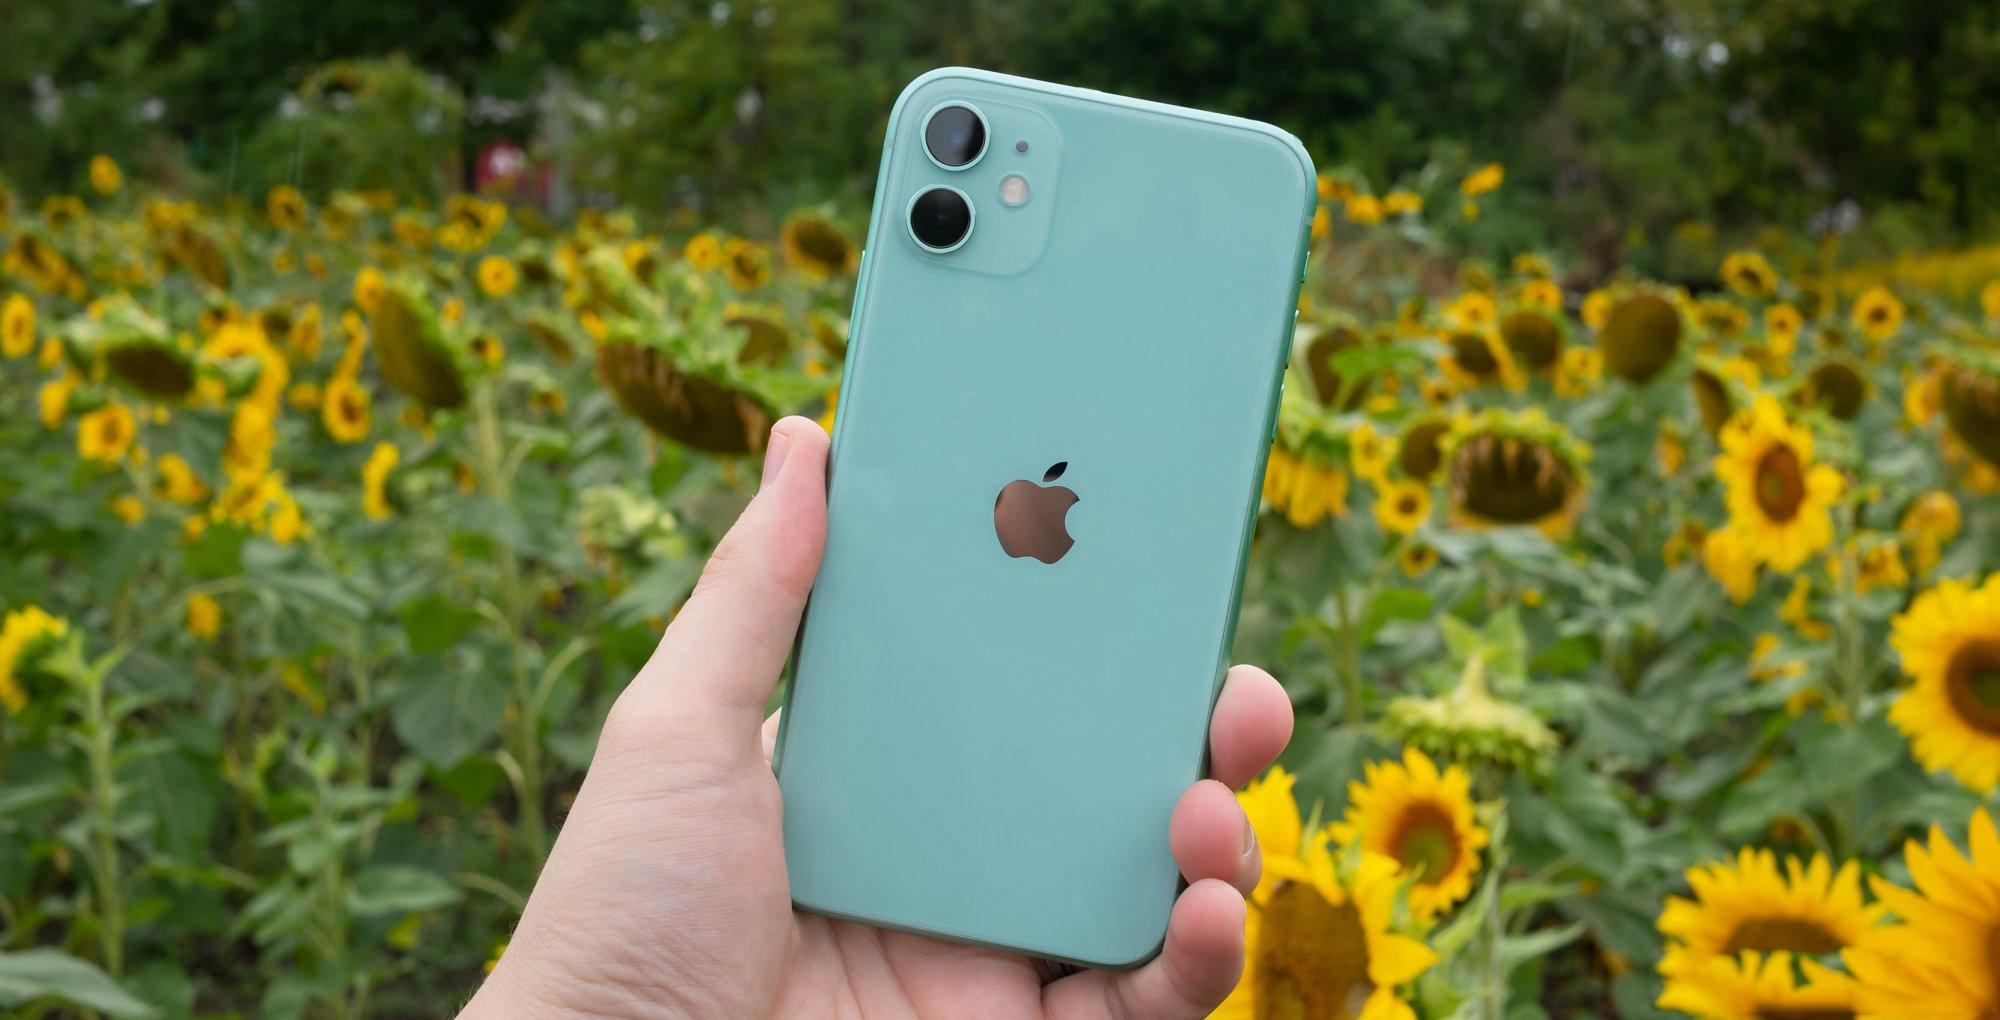 Thiết kế iPhone 11 128GB cũ sang trọng, bóng bẩy